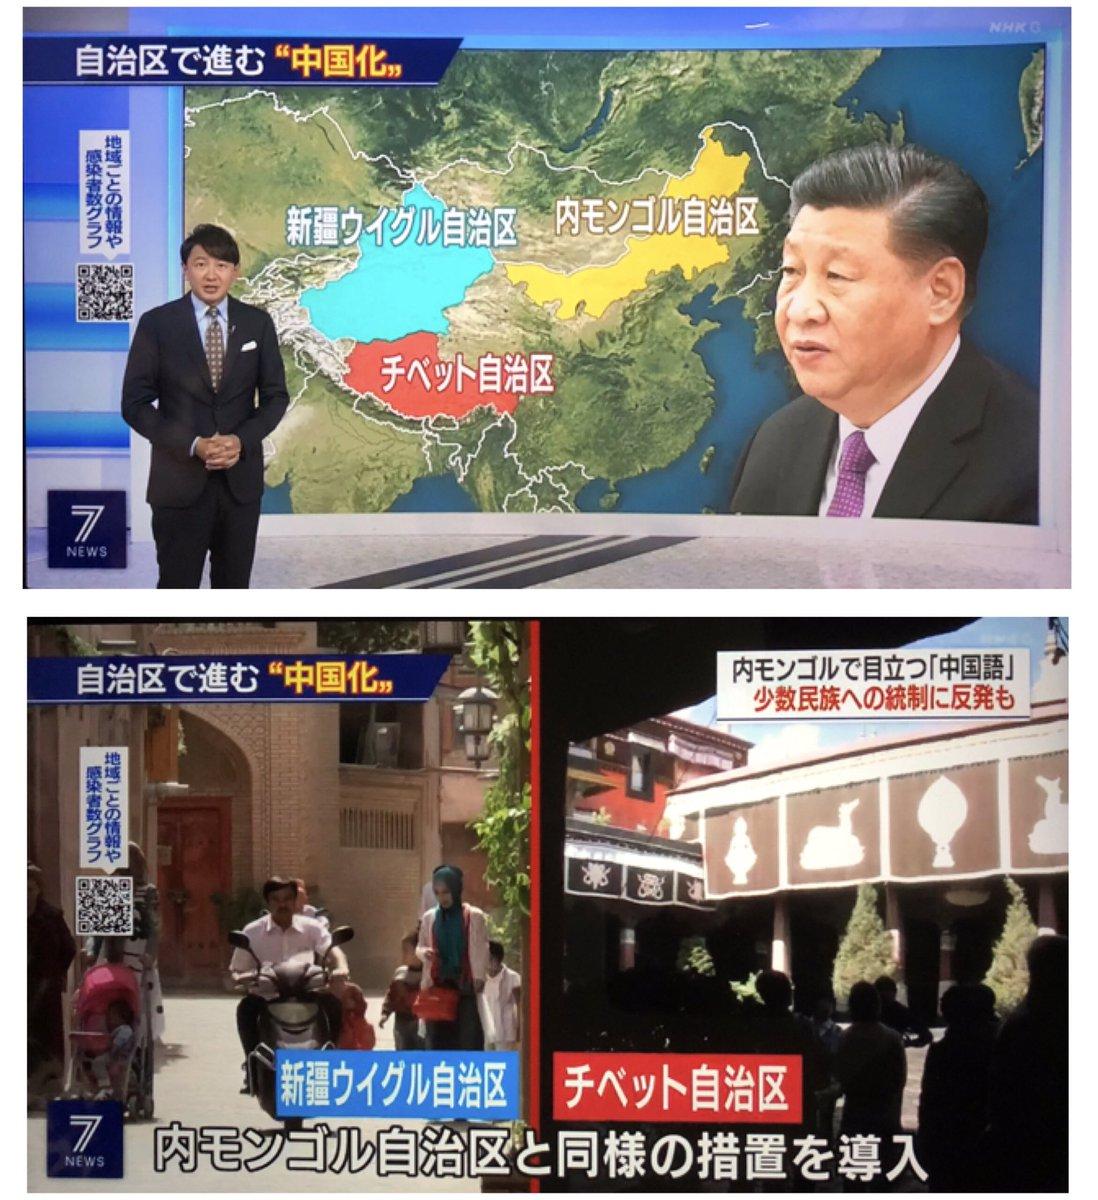 NHKニュース7で内モンゴル自治区での問題が放映され同時にネットニュースでも動画が配信された。TVでは更に「内モンゴルと新疆ウィグル自治区とチベット自治区でも同様の措置を導入」し、習近平氏が「中華民族として思想と宗教の統一、心に深く植え付ける」方針だと報道。